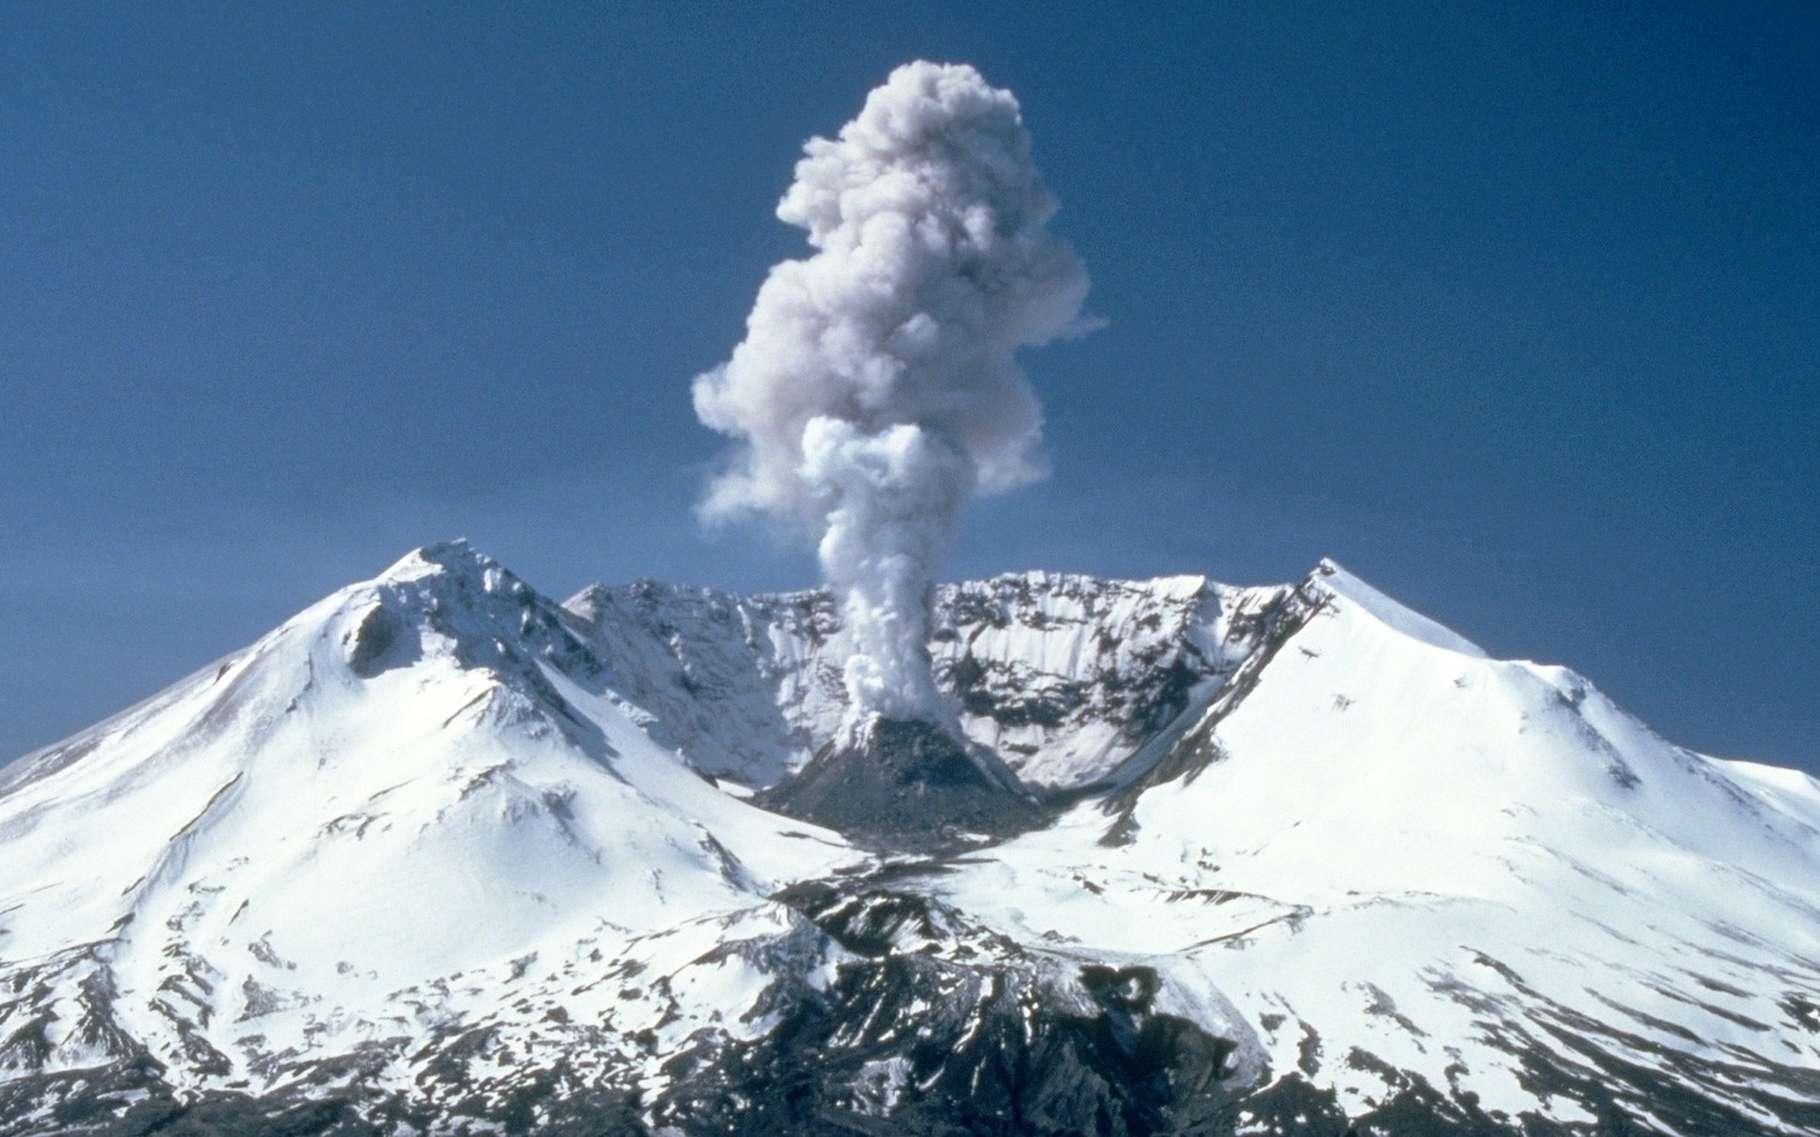 Les volcans émettent dans l'atmosphère, moins de CO2 que les activités humaines. © WikiImages, Pixabay, CC0 Creative Commons